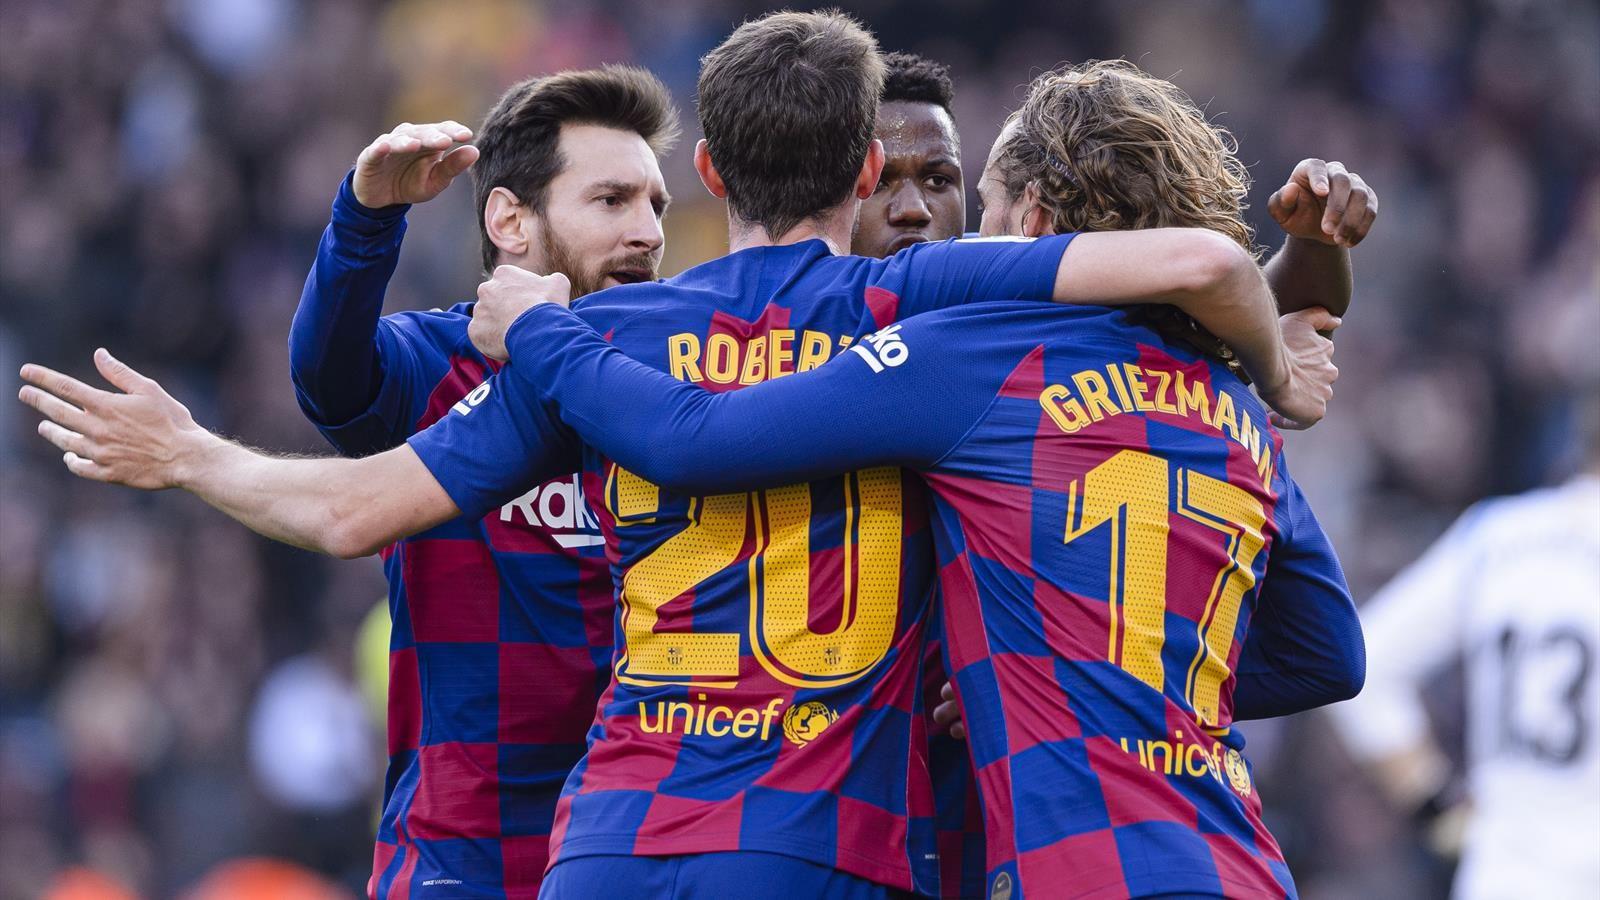 Барселона снизила зарплаты футболистам в одностороннем порядке